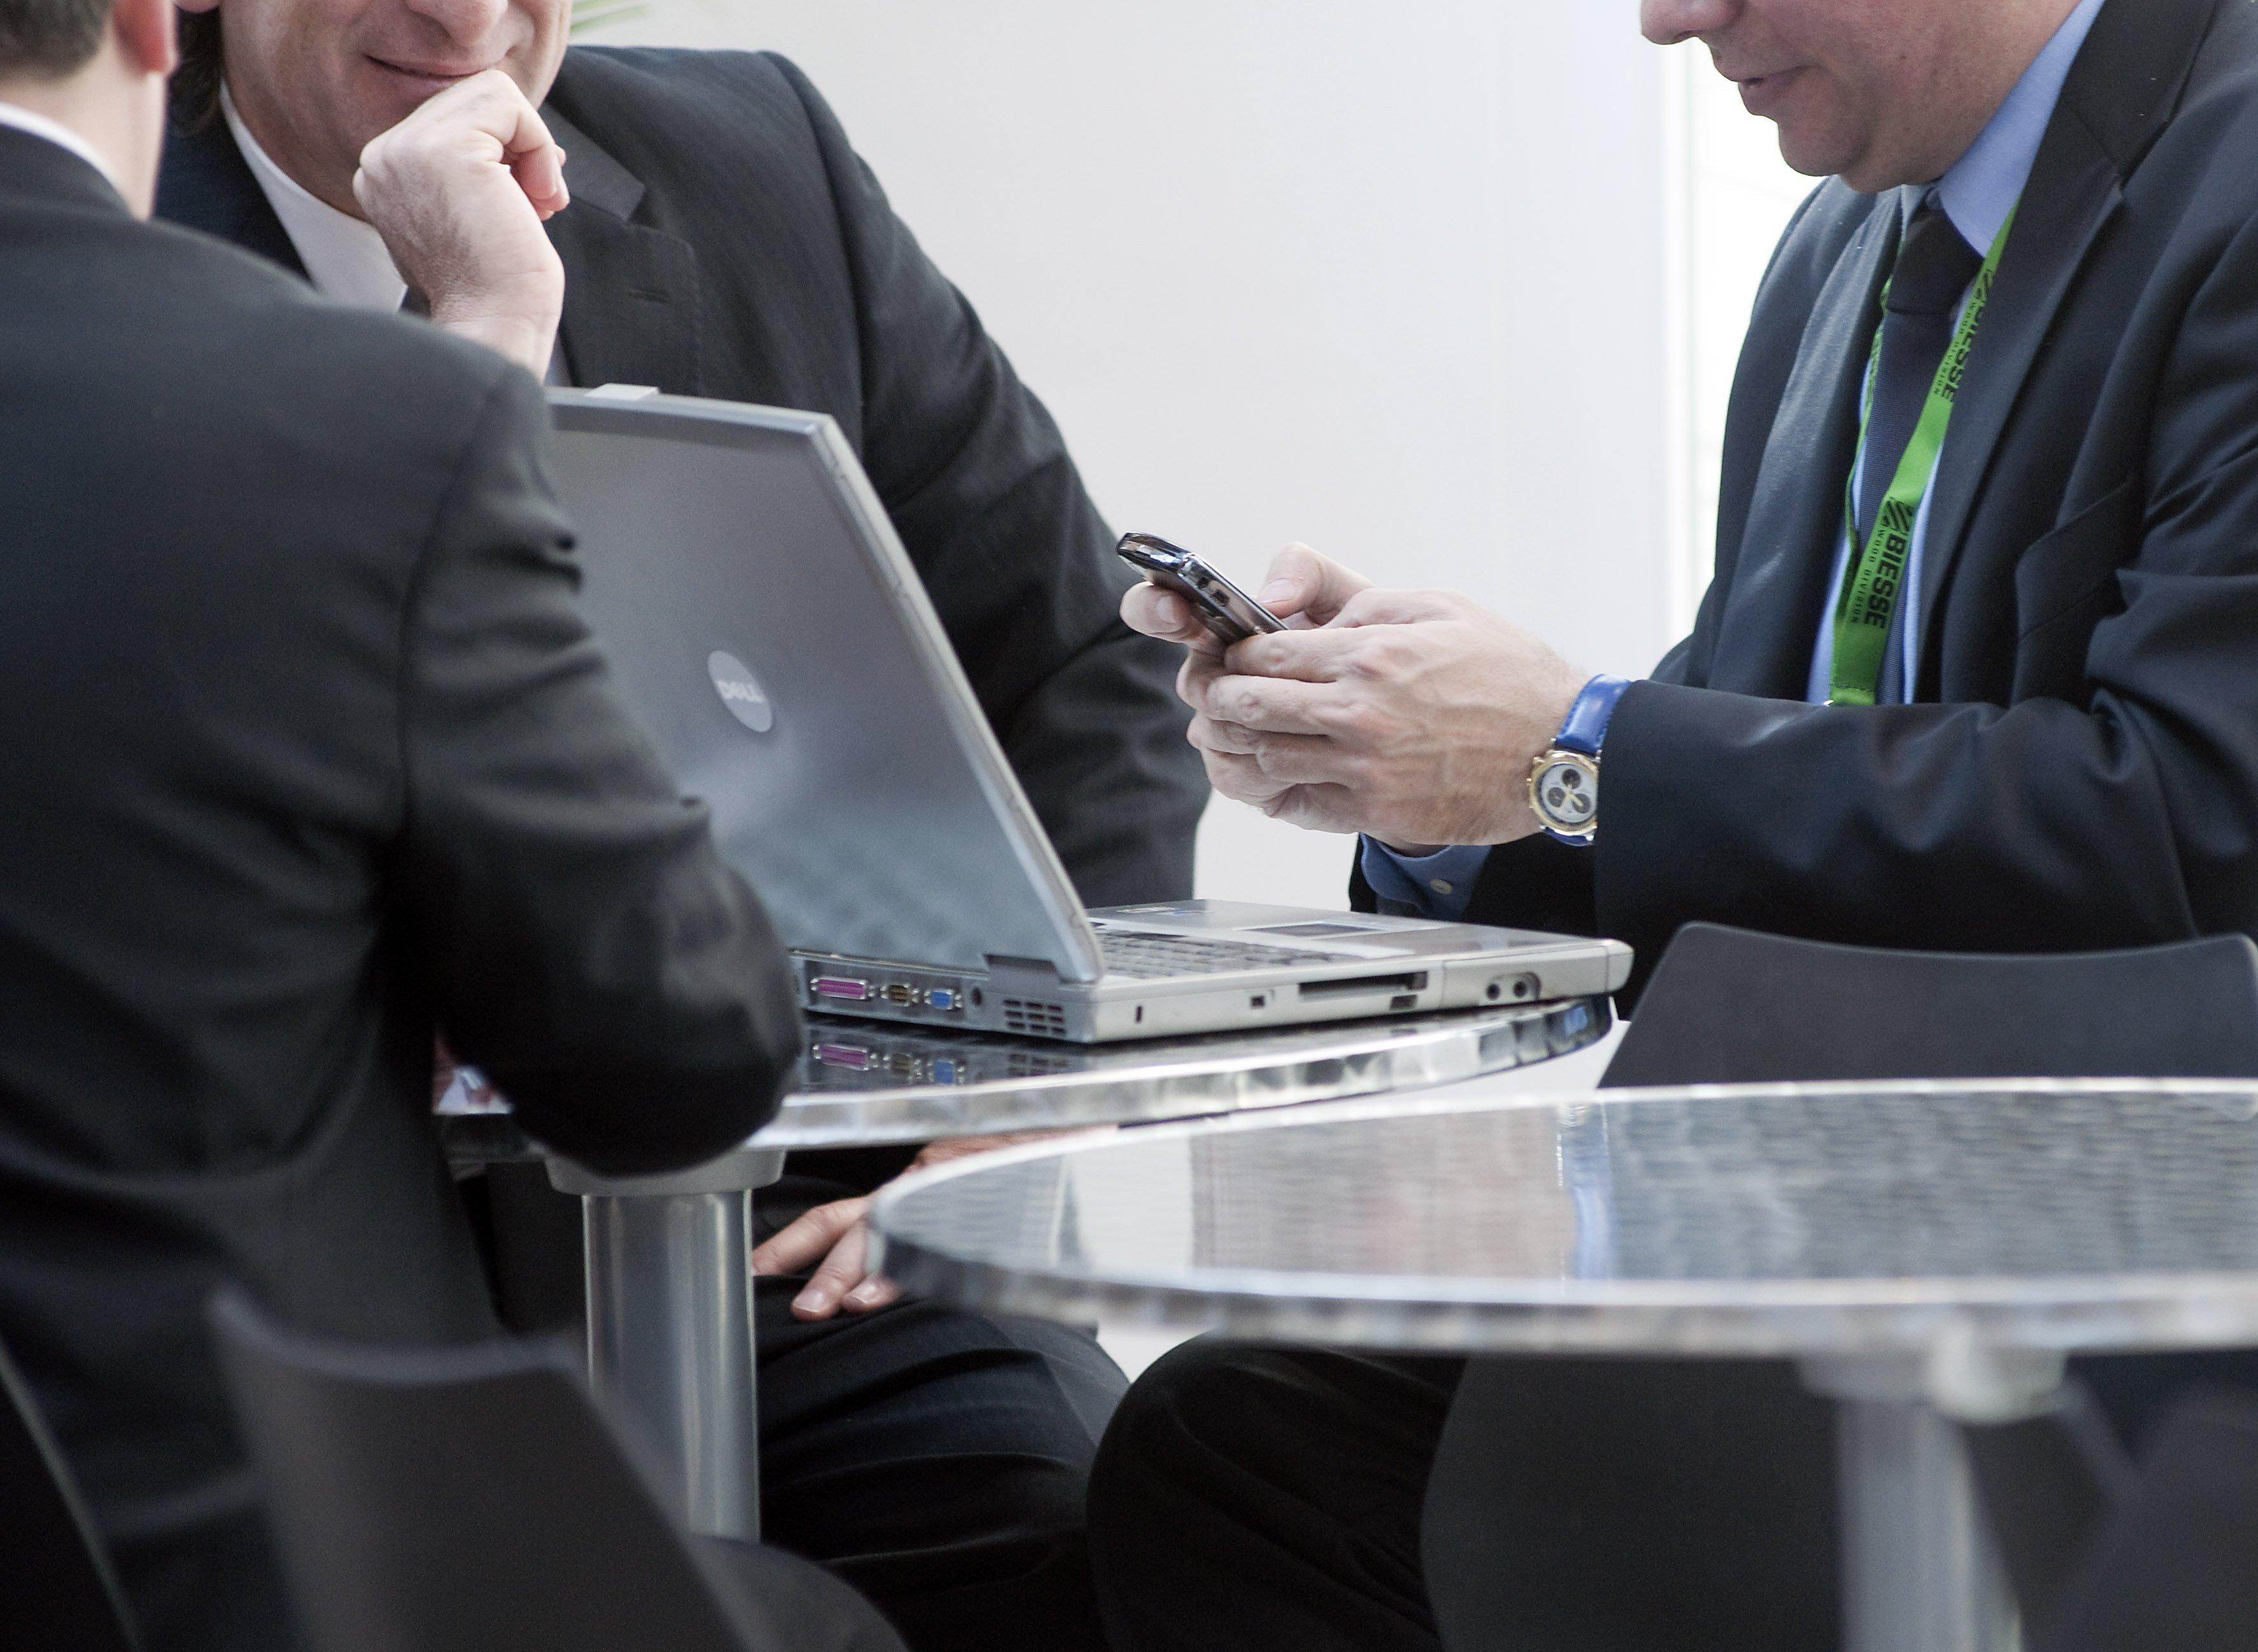 consulenti durante una riunione